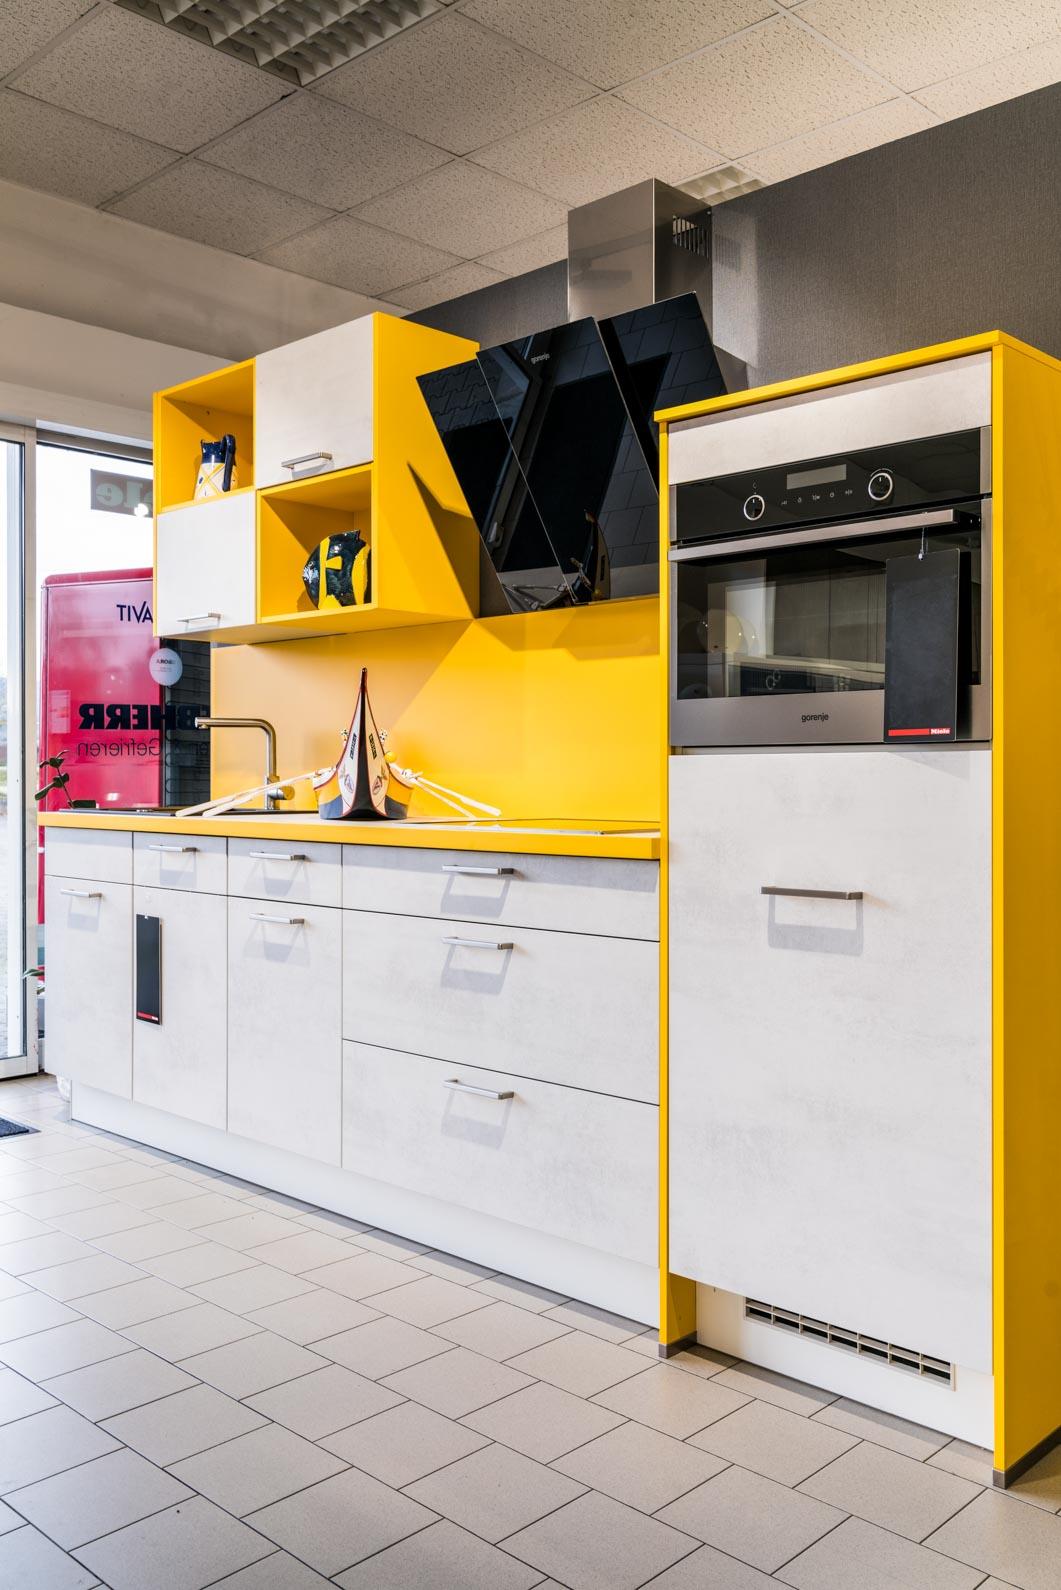 Weisser Küchenstudio Showroom Küche mit farblichem Akzent